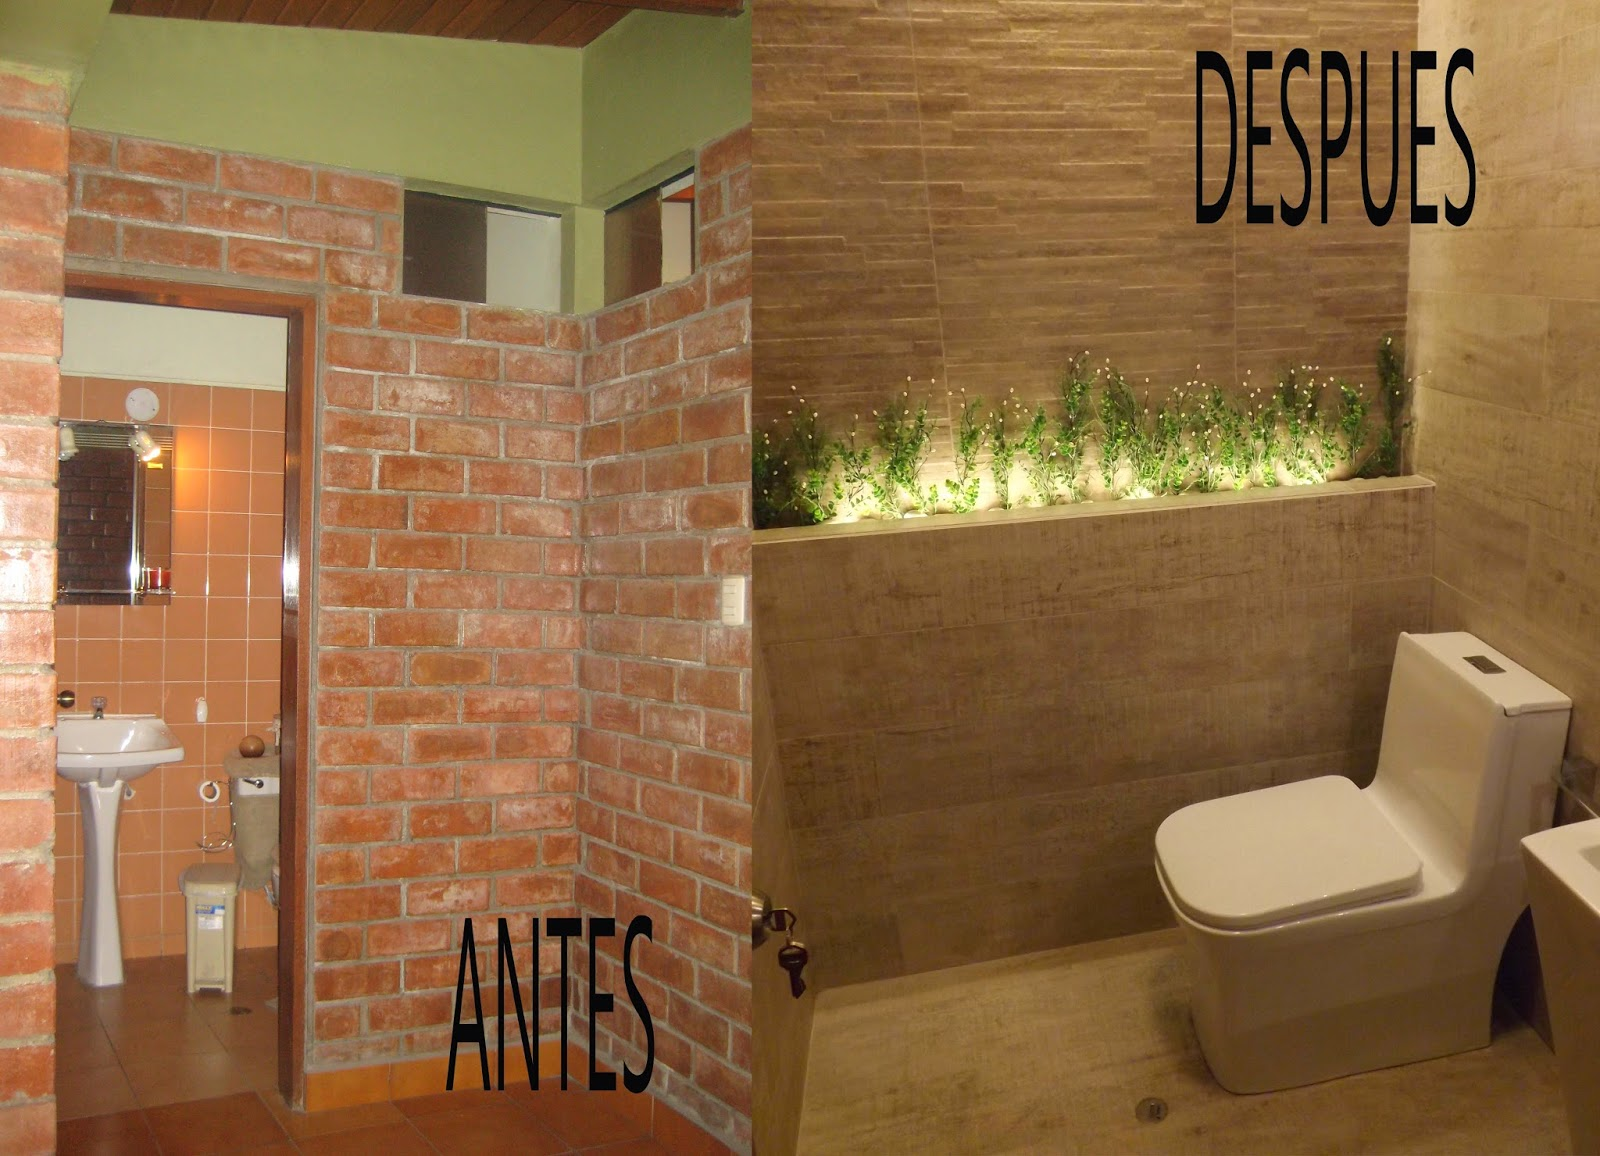 Oniria antes y despu s ba o remodelado - Casas reformadas antes y despues ...